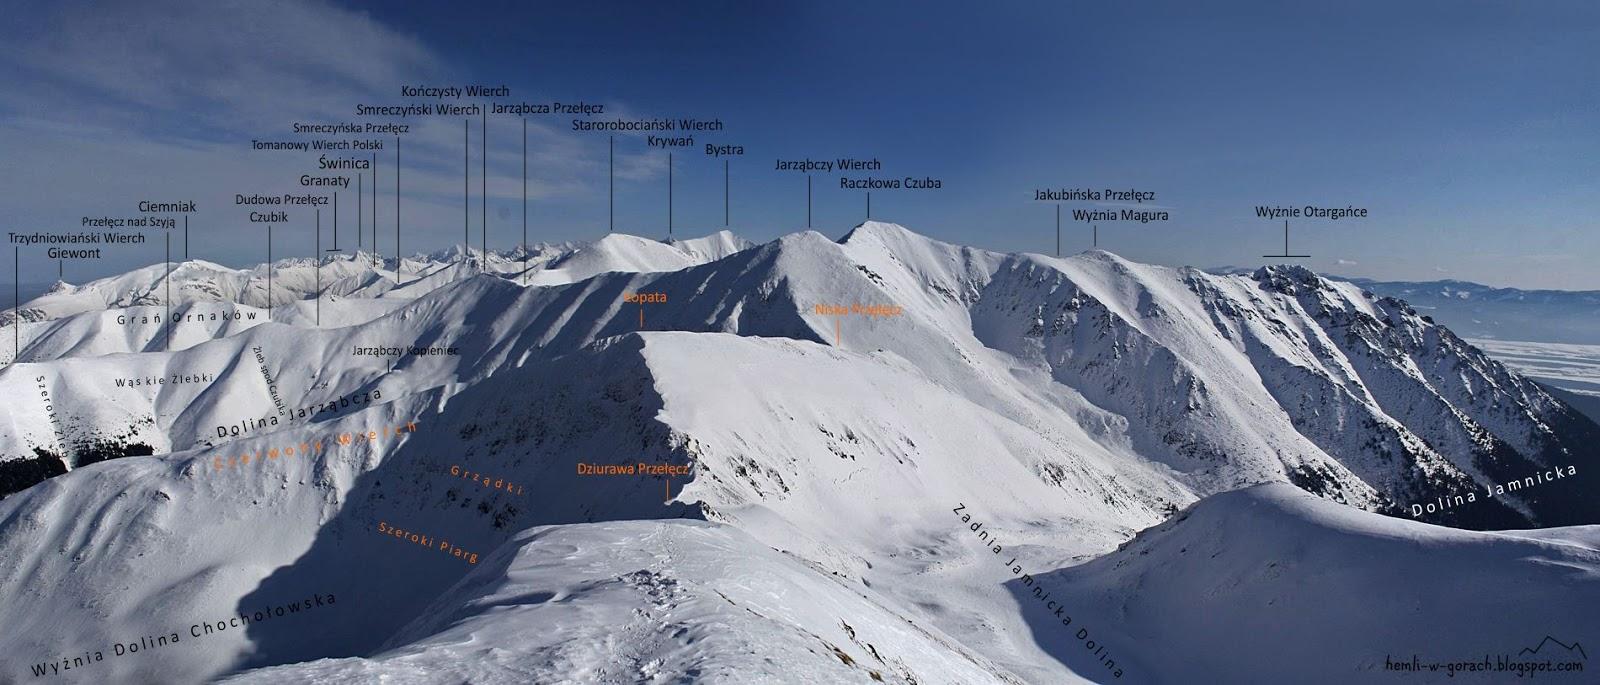 Wołowiec panorama